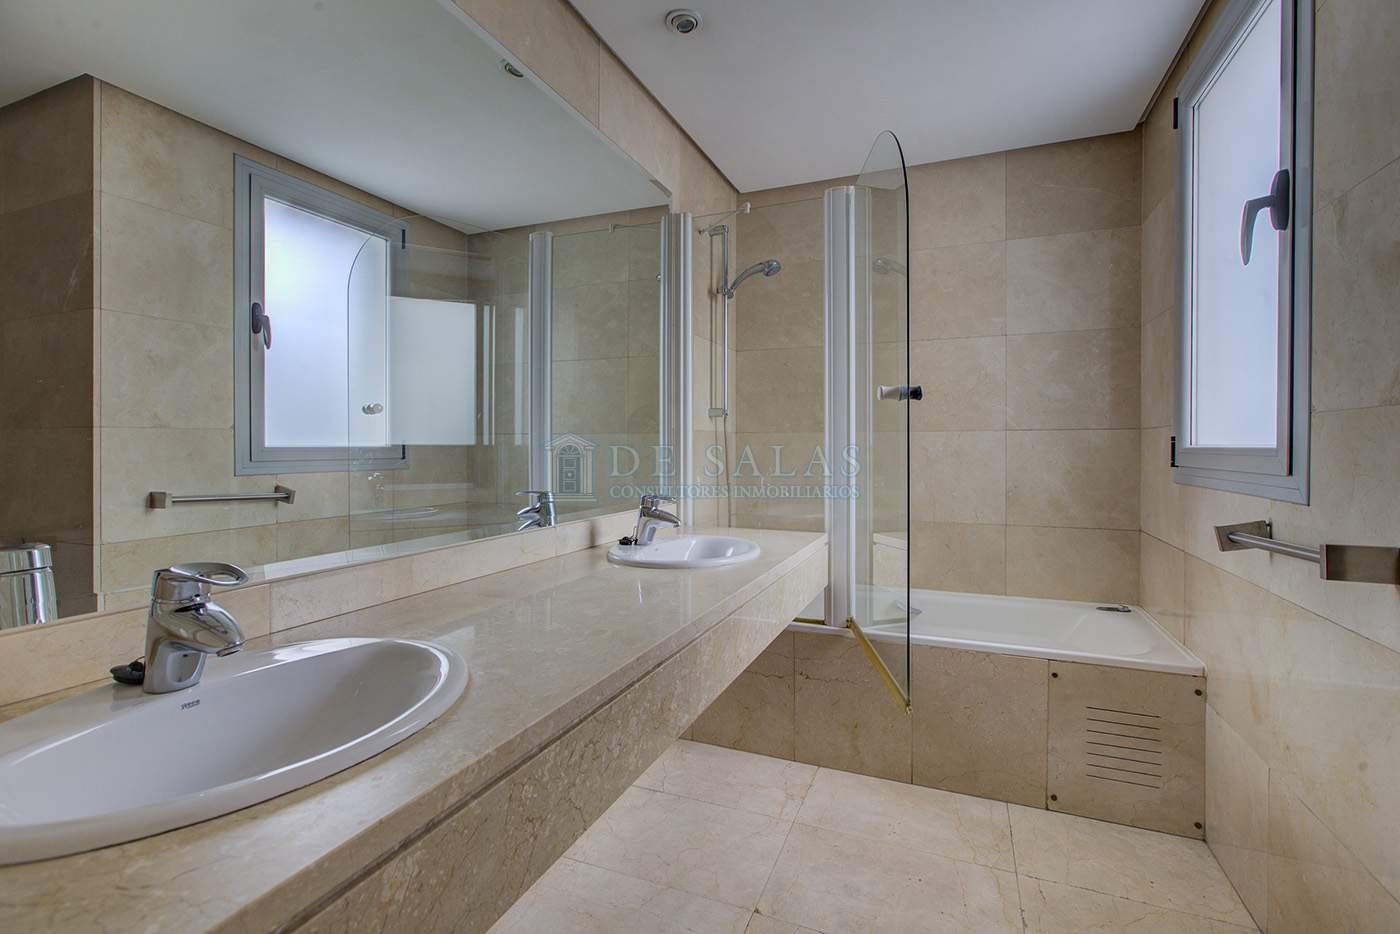 Baño-IMG_7129_30_31 copia